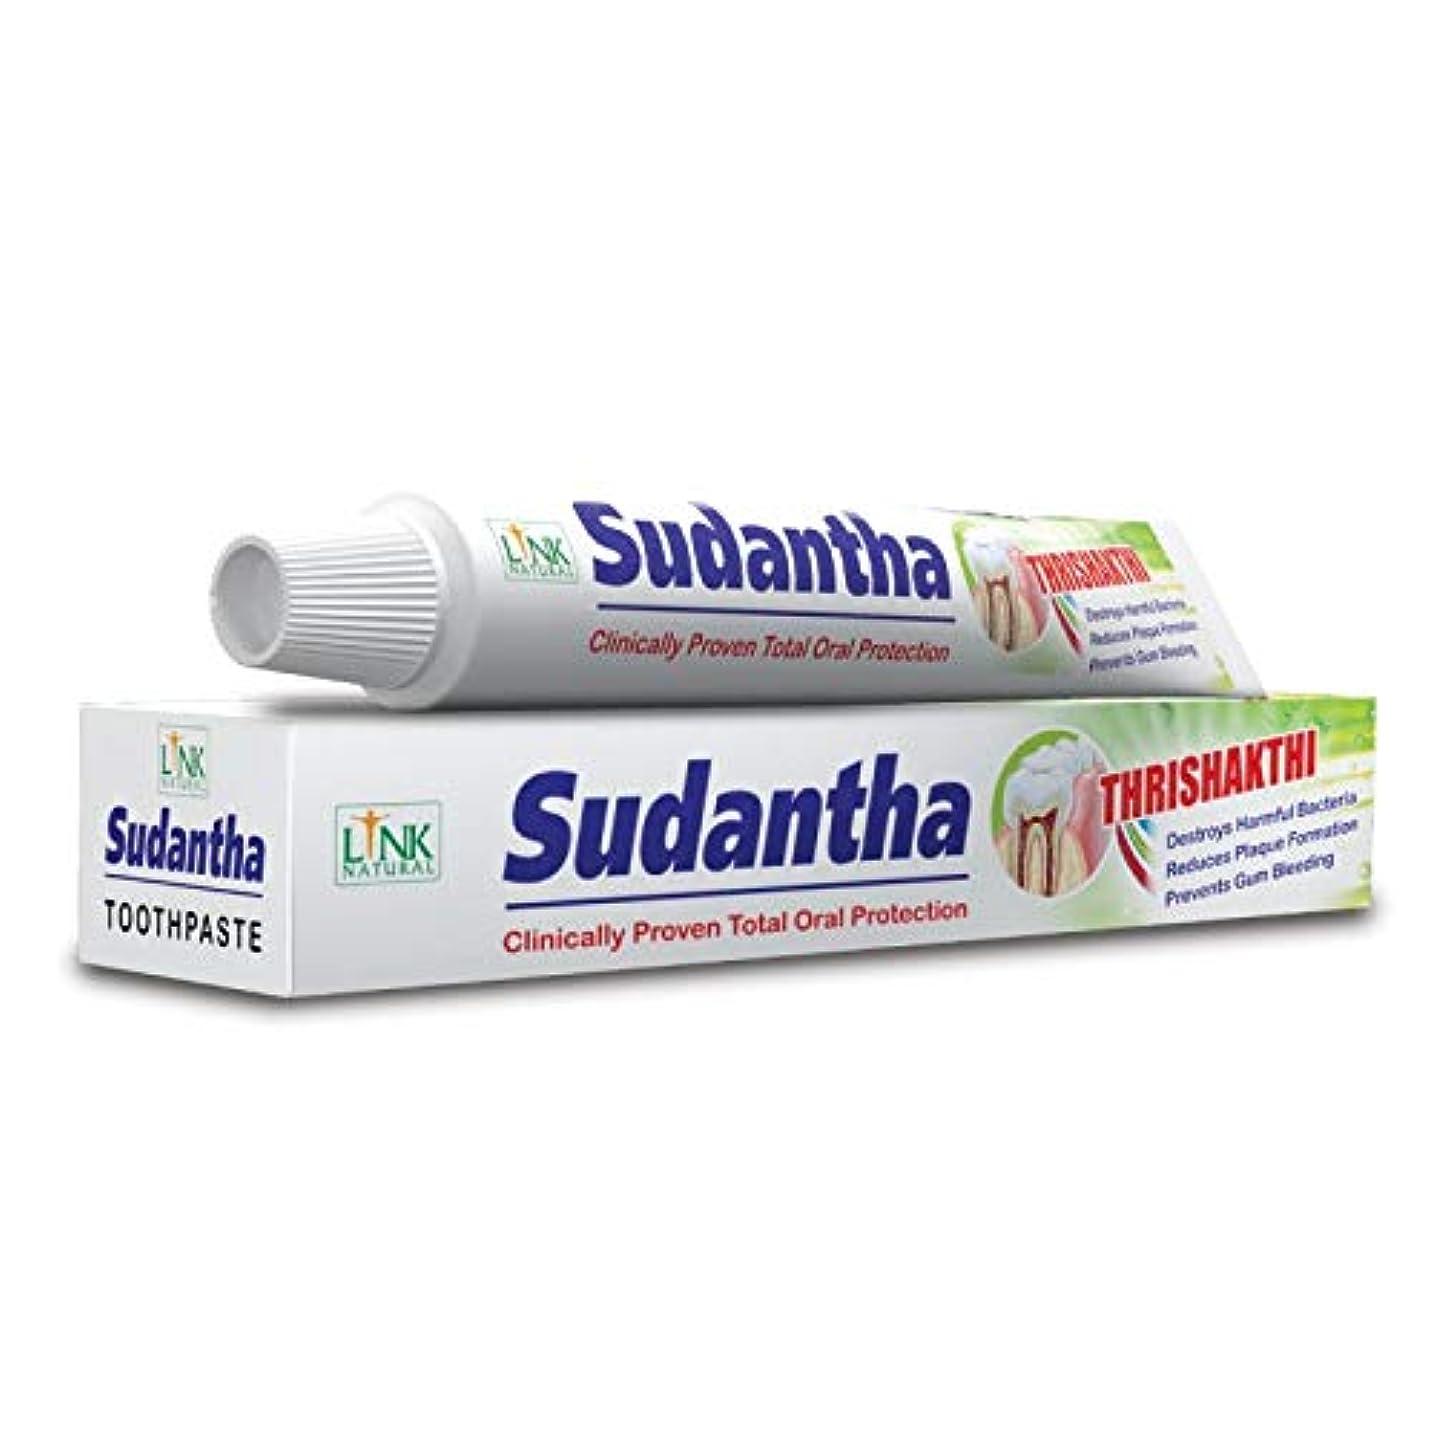 契約安心対2 x 80 g リンクSudanthaホメオパシーHerbal Toothpaste for合計Oral保護